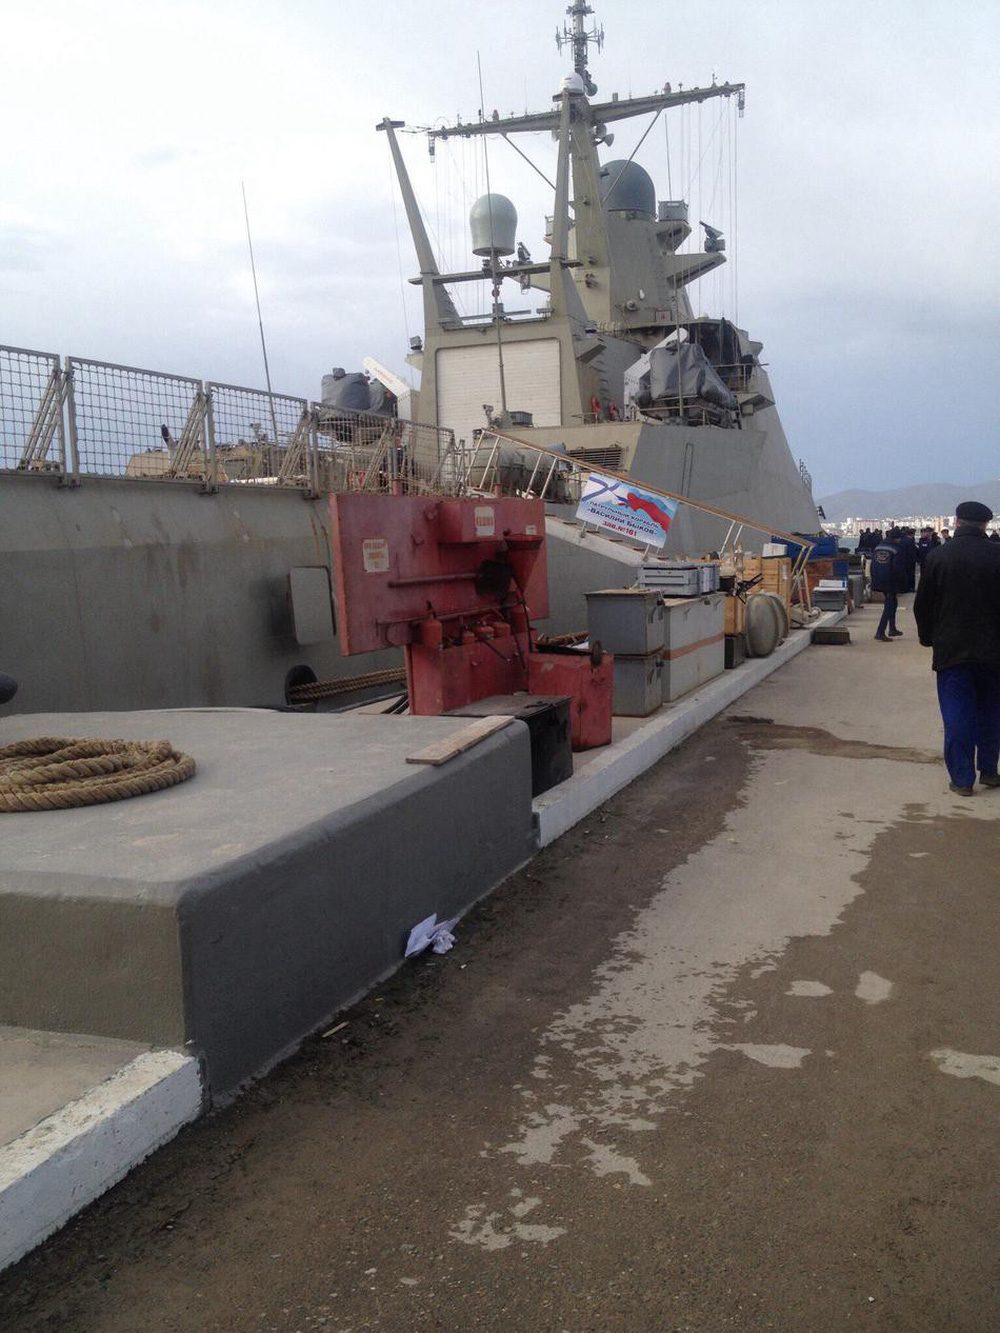 Lộ diện hình ảnh đầu tiên về tàu hộ vệ tàng hình Dự án 22160 của Hải quân Nga - Ảnh 1.